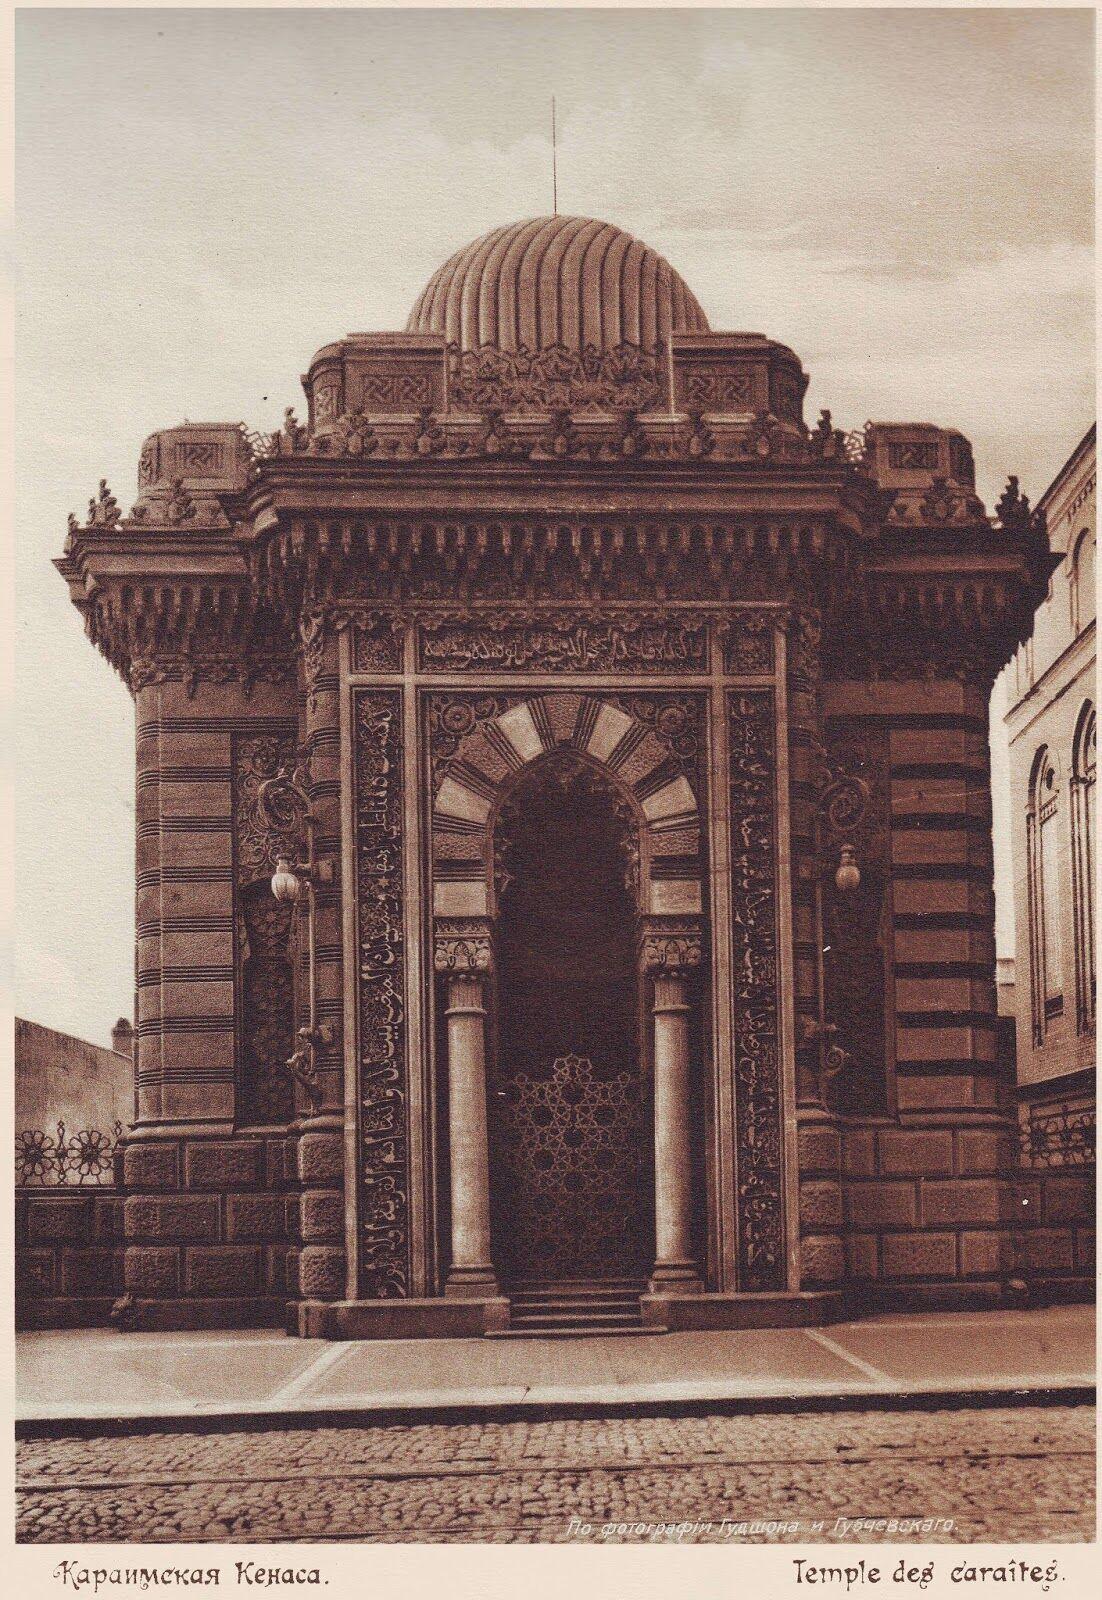 Будівля кенаси втратила купол і багато деталей інтер'єру.